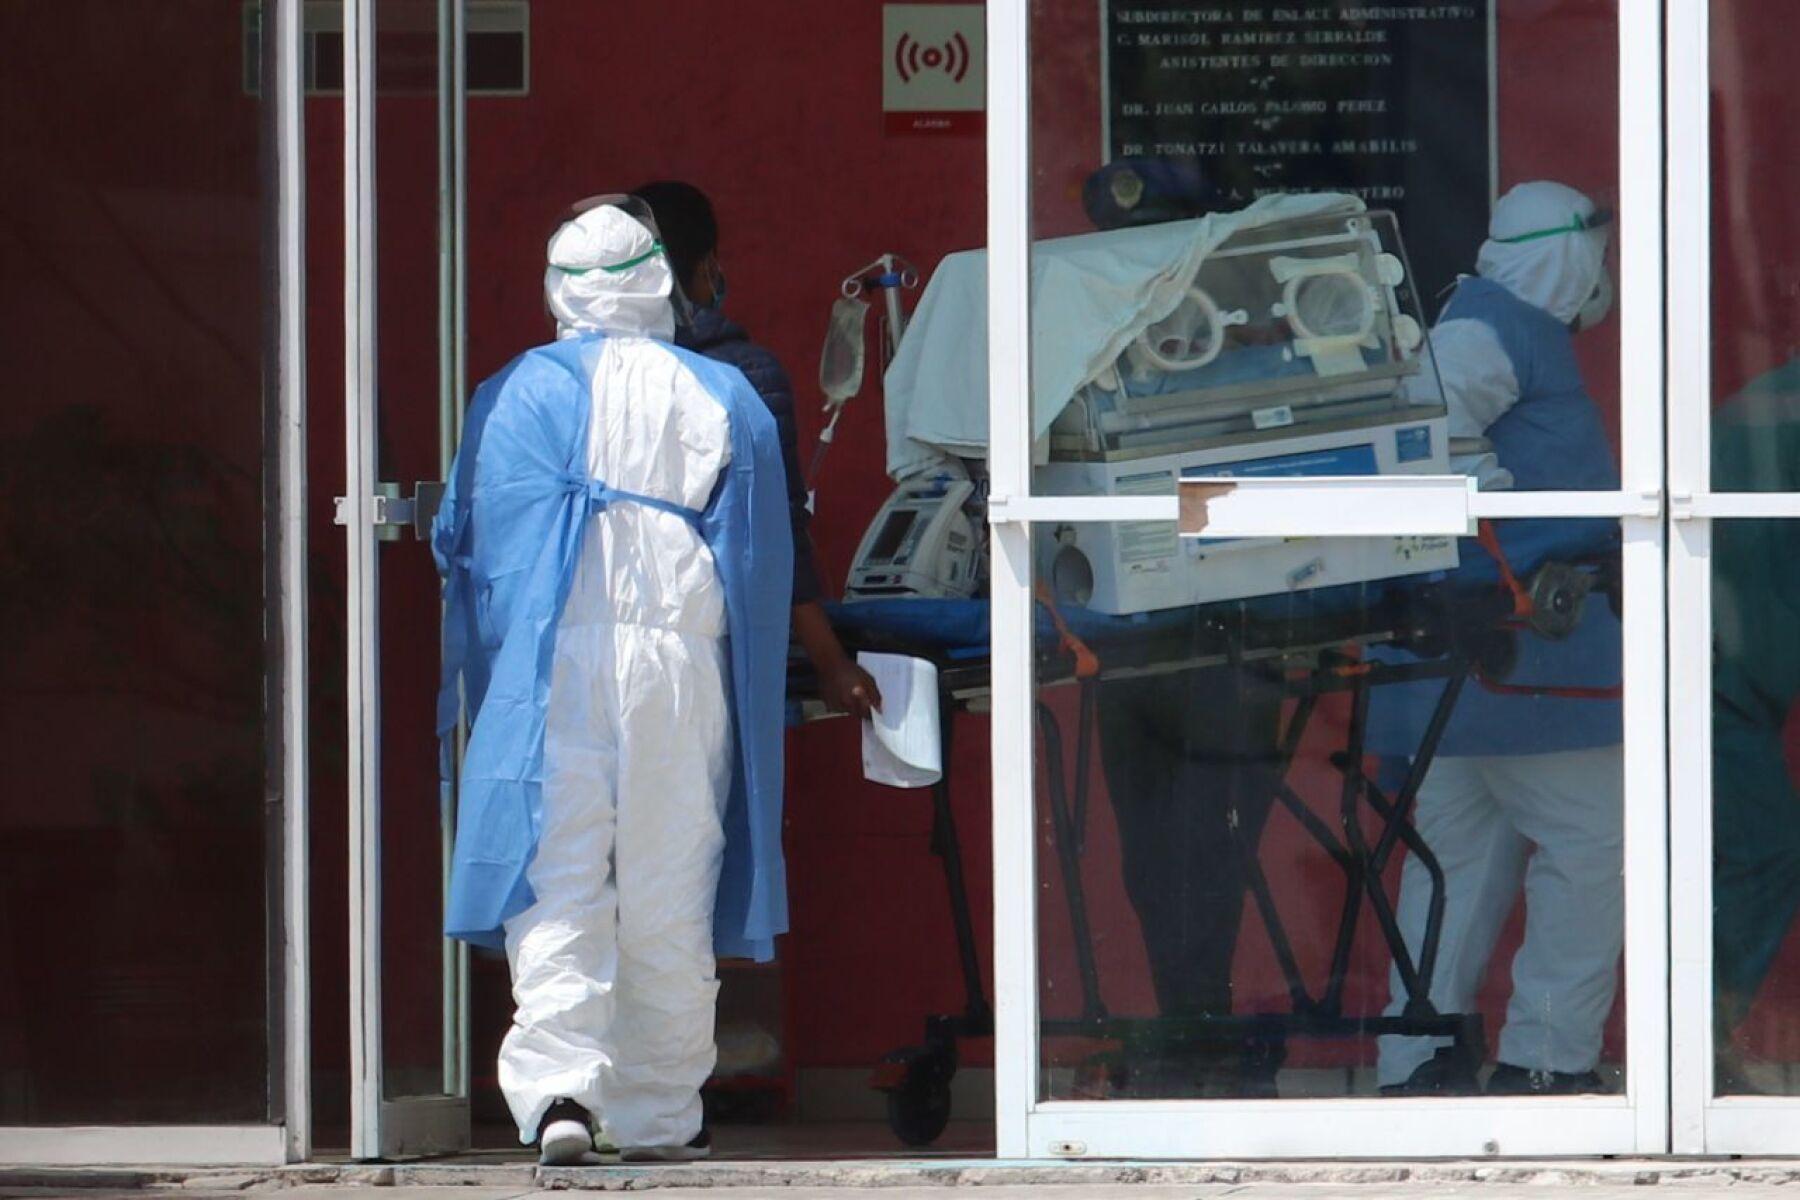 Un aparato de oxígeno para pacientes Covid-19 fue trasladado al Hospital General Tláhuac